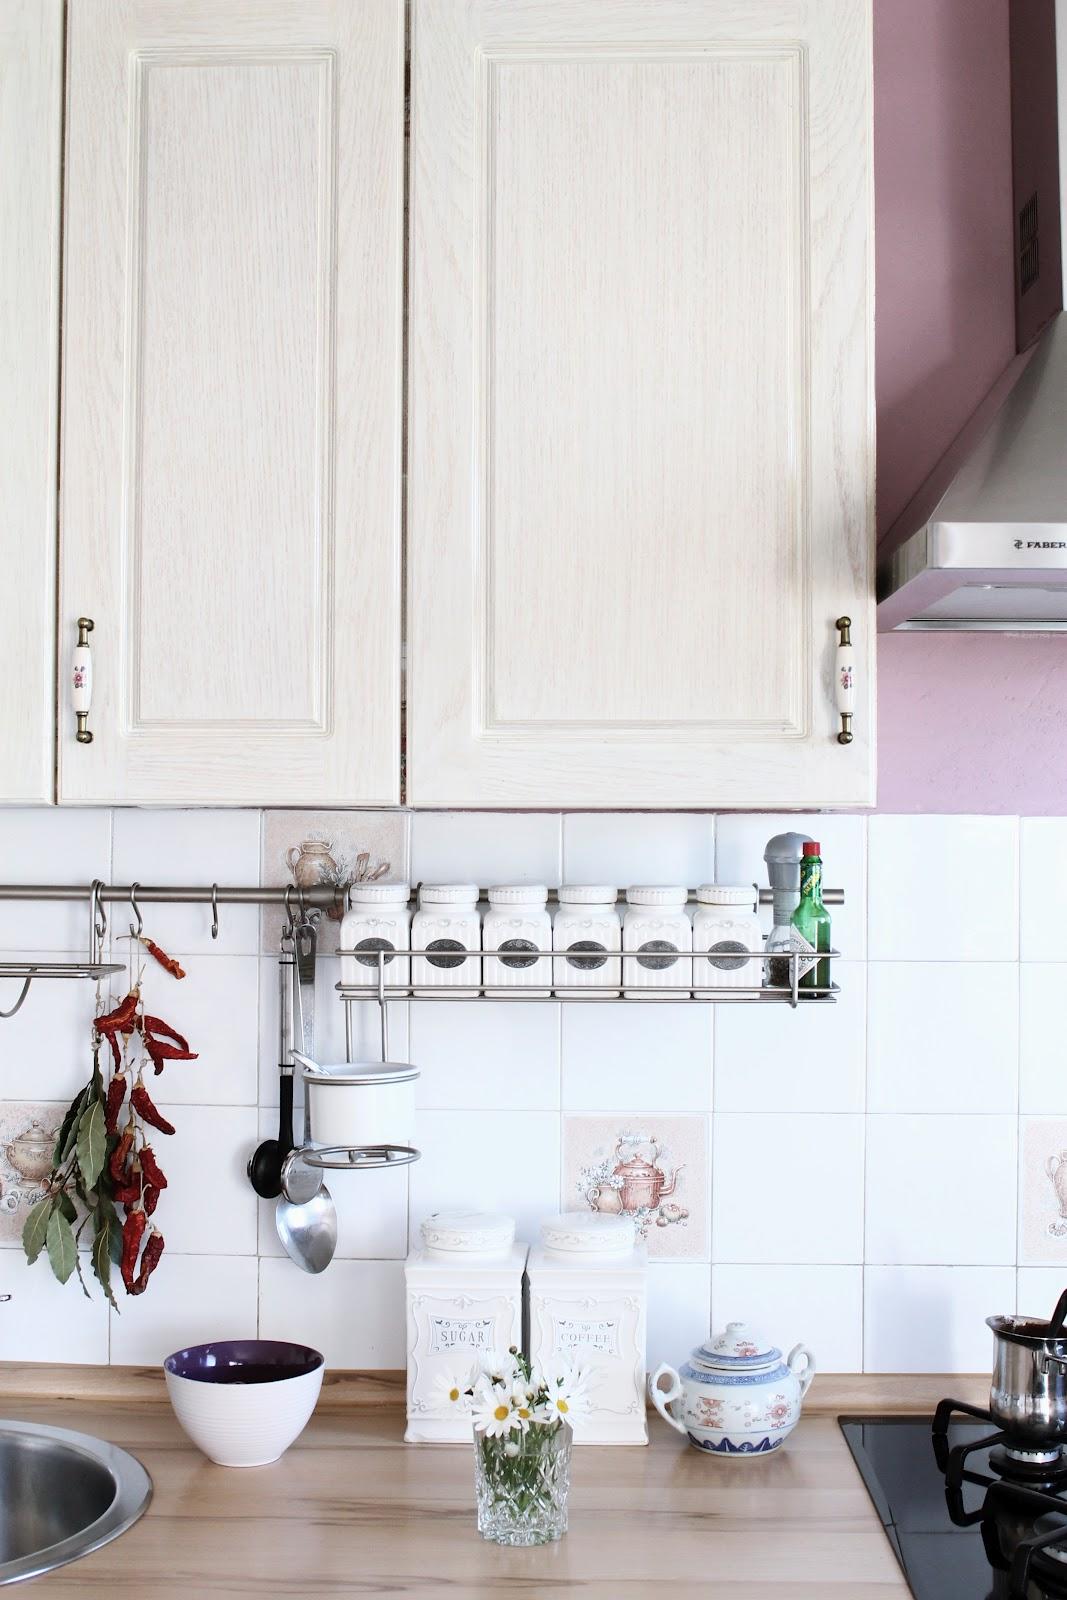 Anniedecor Inspiration: // Kitchen